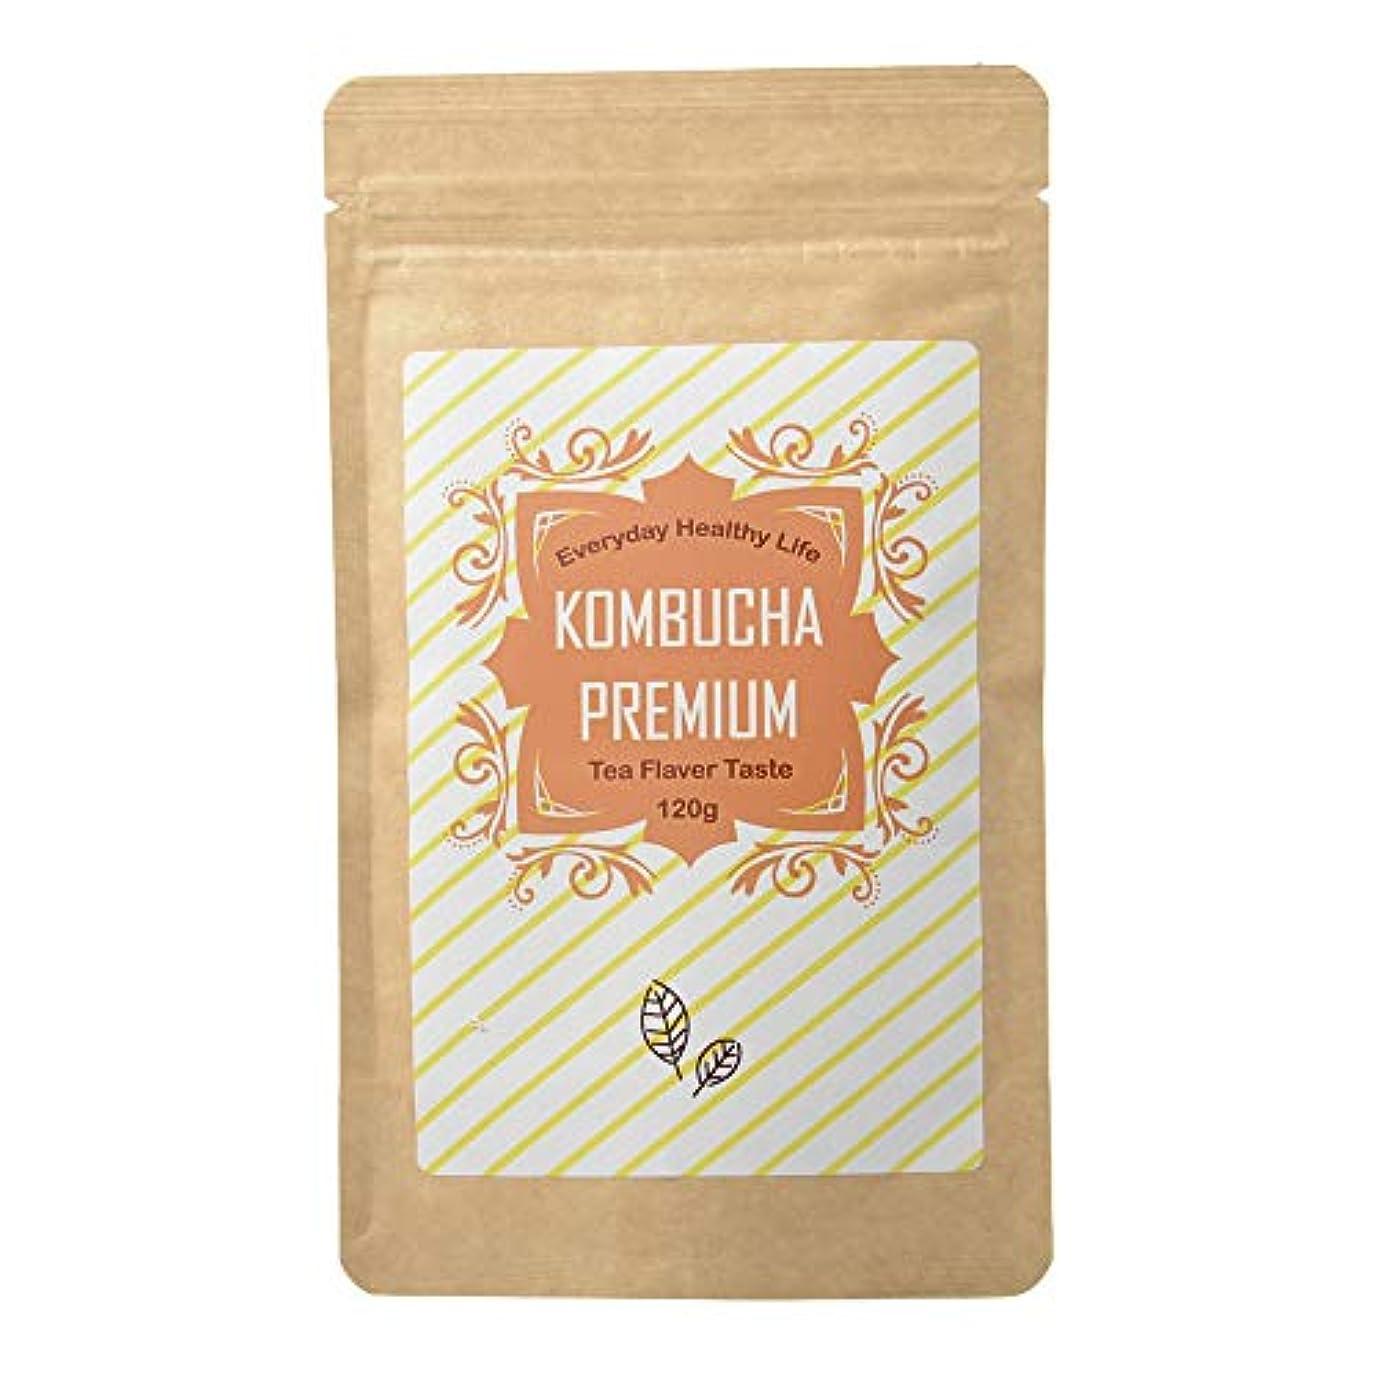 予約首謀者マークダウンコンブチャプレミアム (KOMBUCHA PREMIUM) ストレートティー味 日本製 粉末 飲料 [内容量120g /説明書付き]